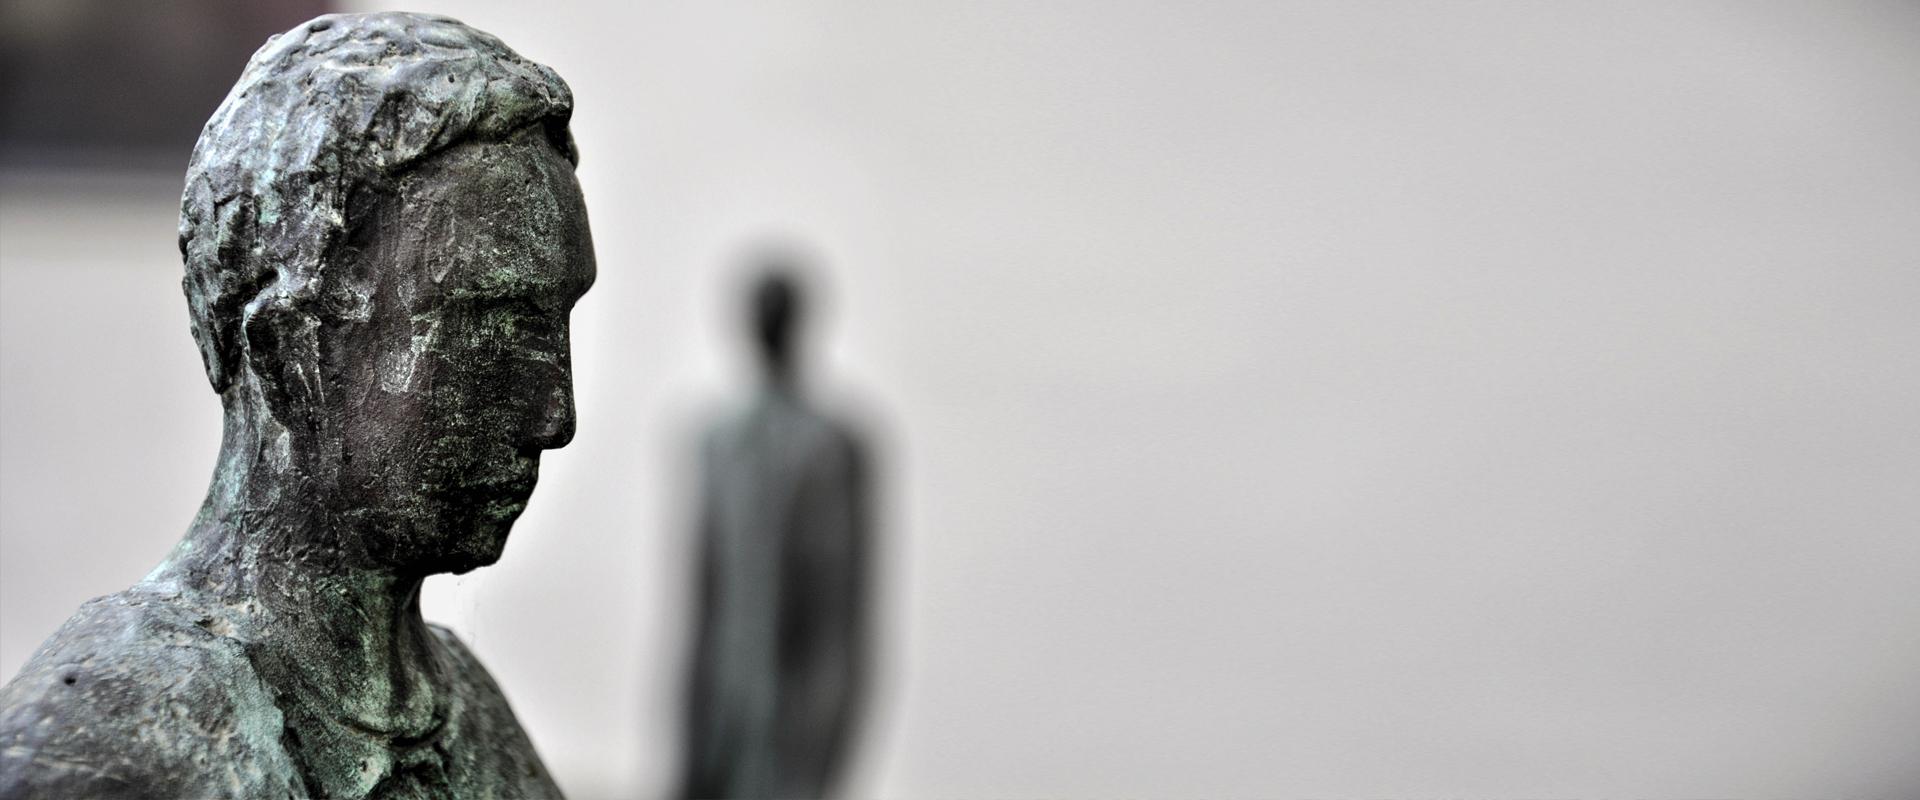 Prato e la sua identità contemporanea